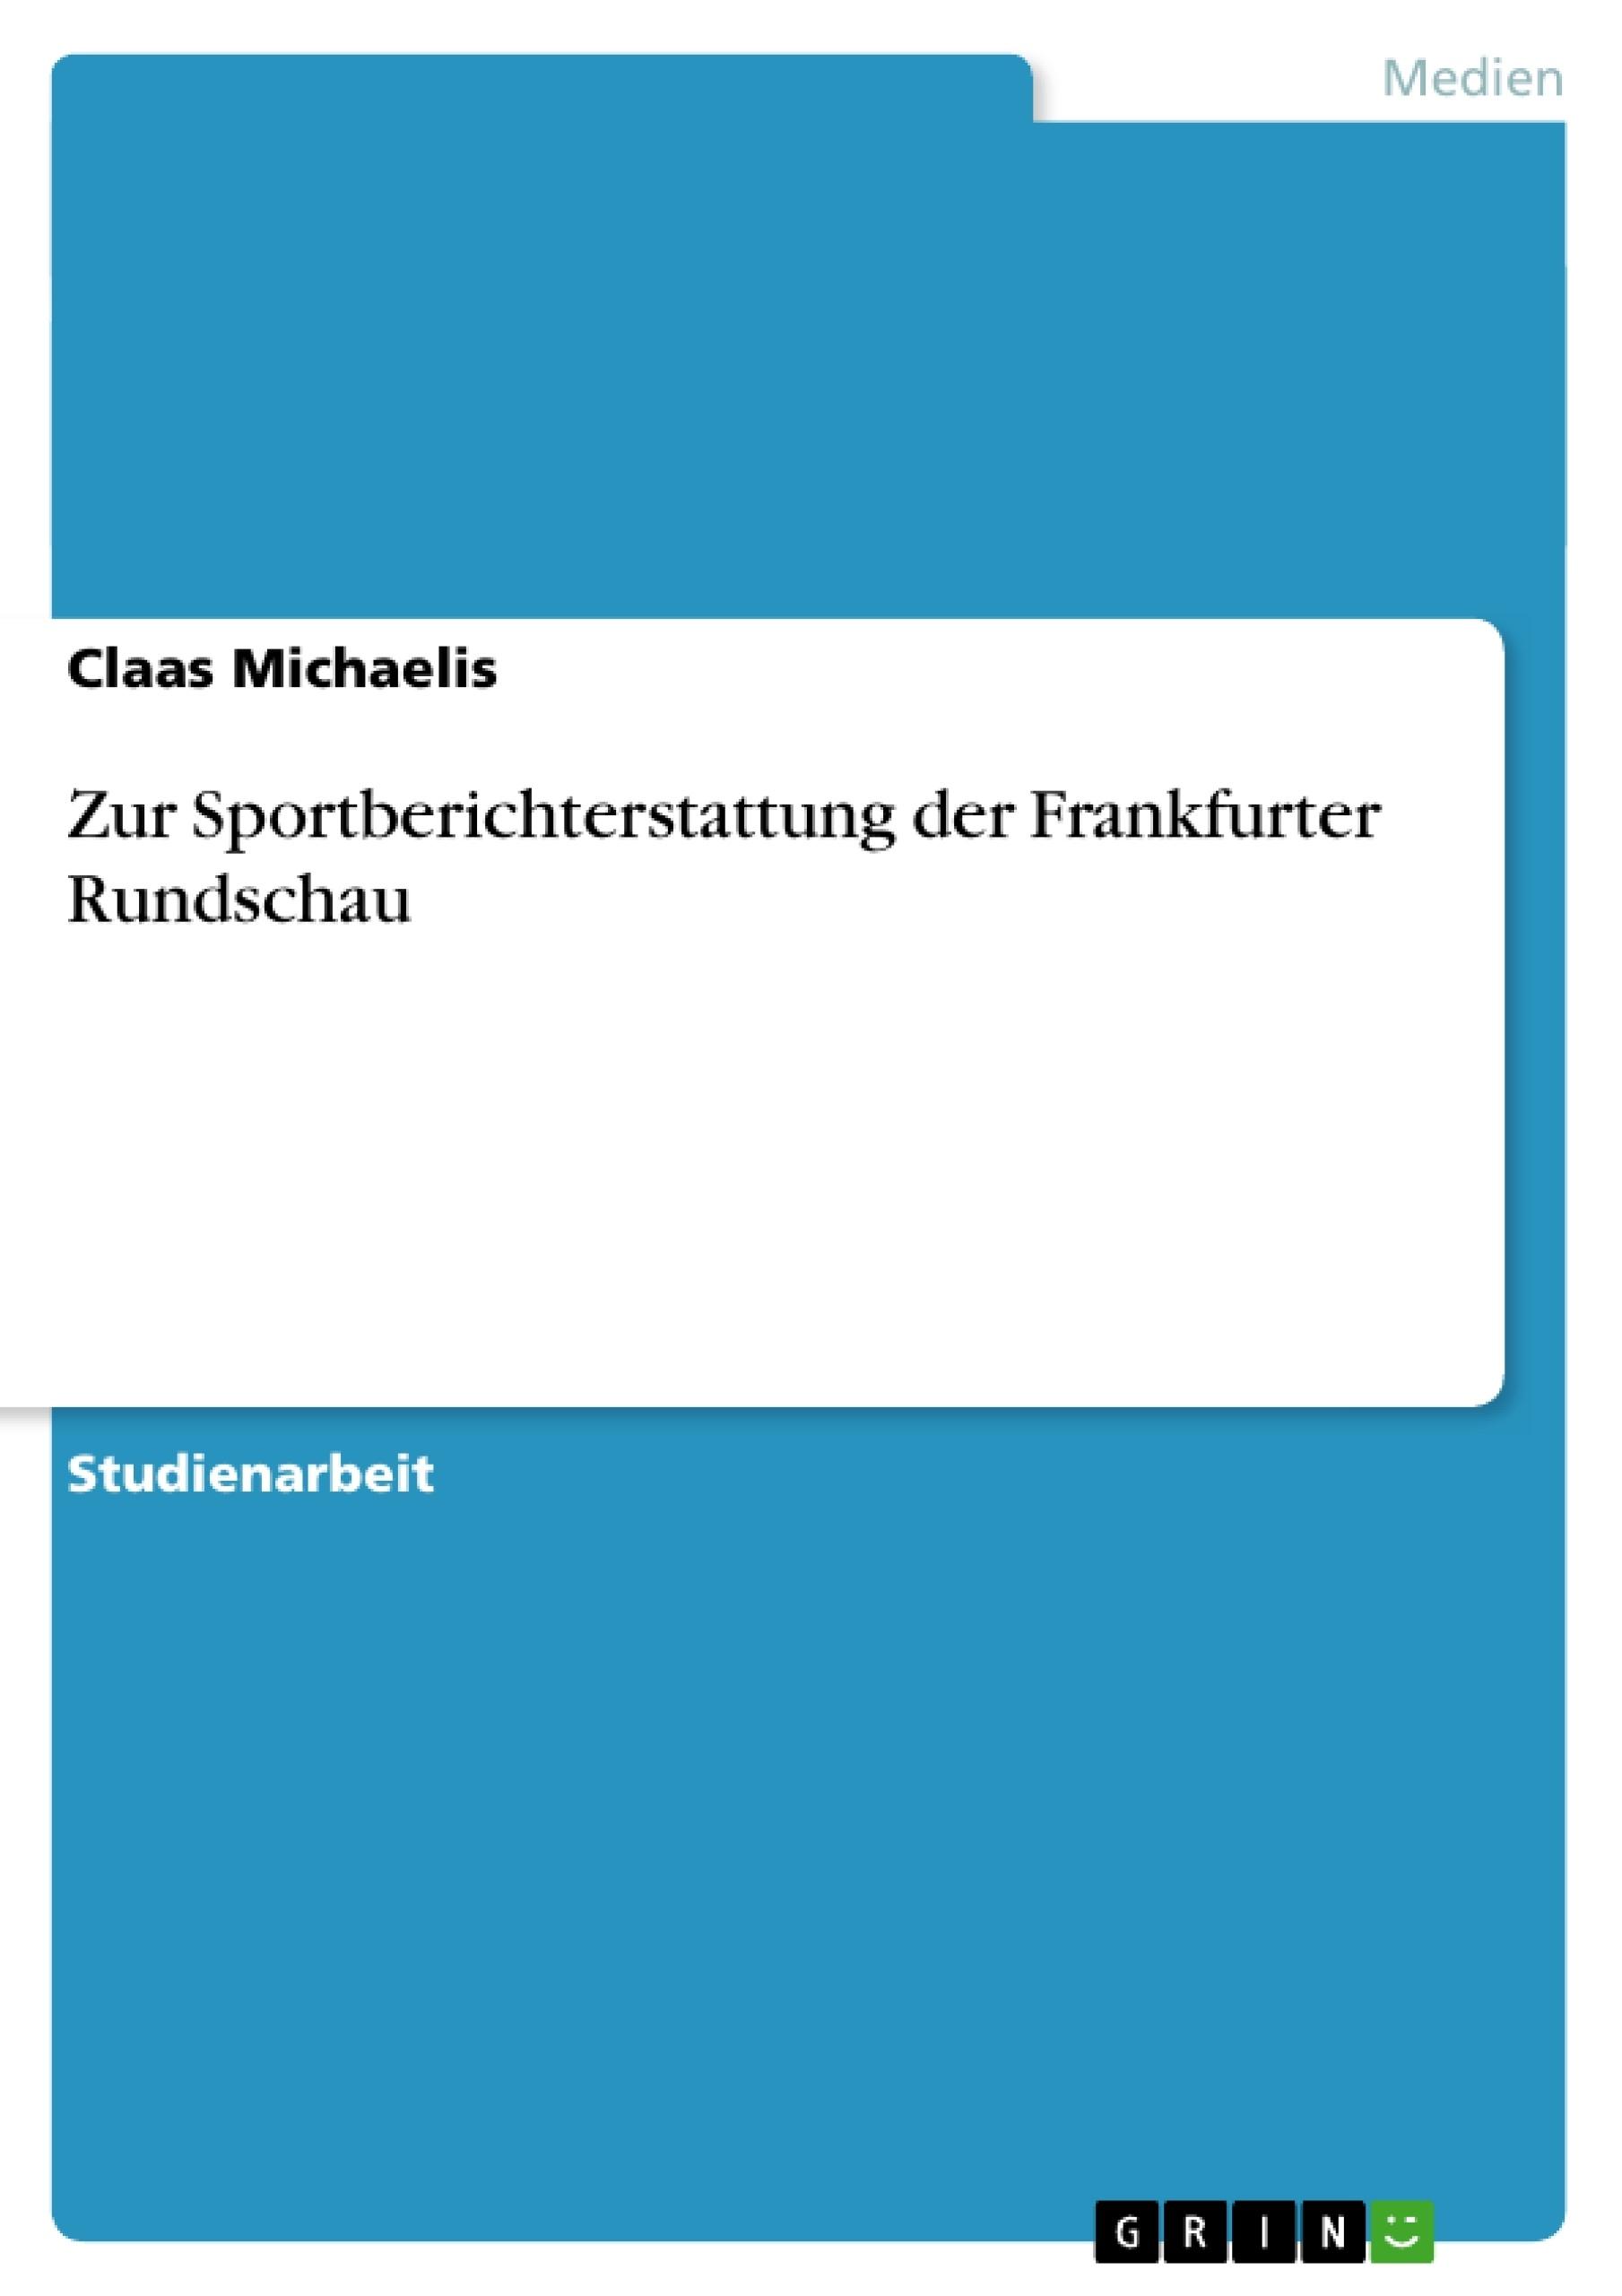 Titel: Zur Sportberichterstattung der Frankfurter Rundschau